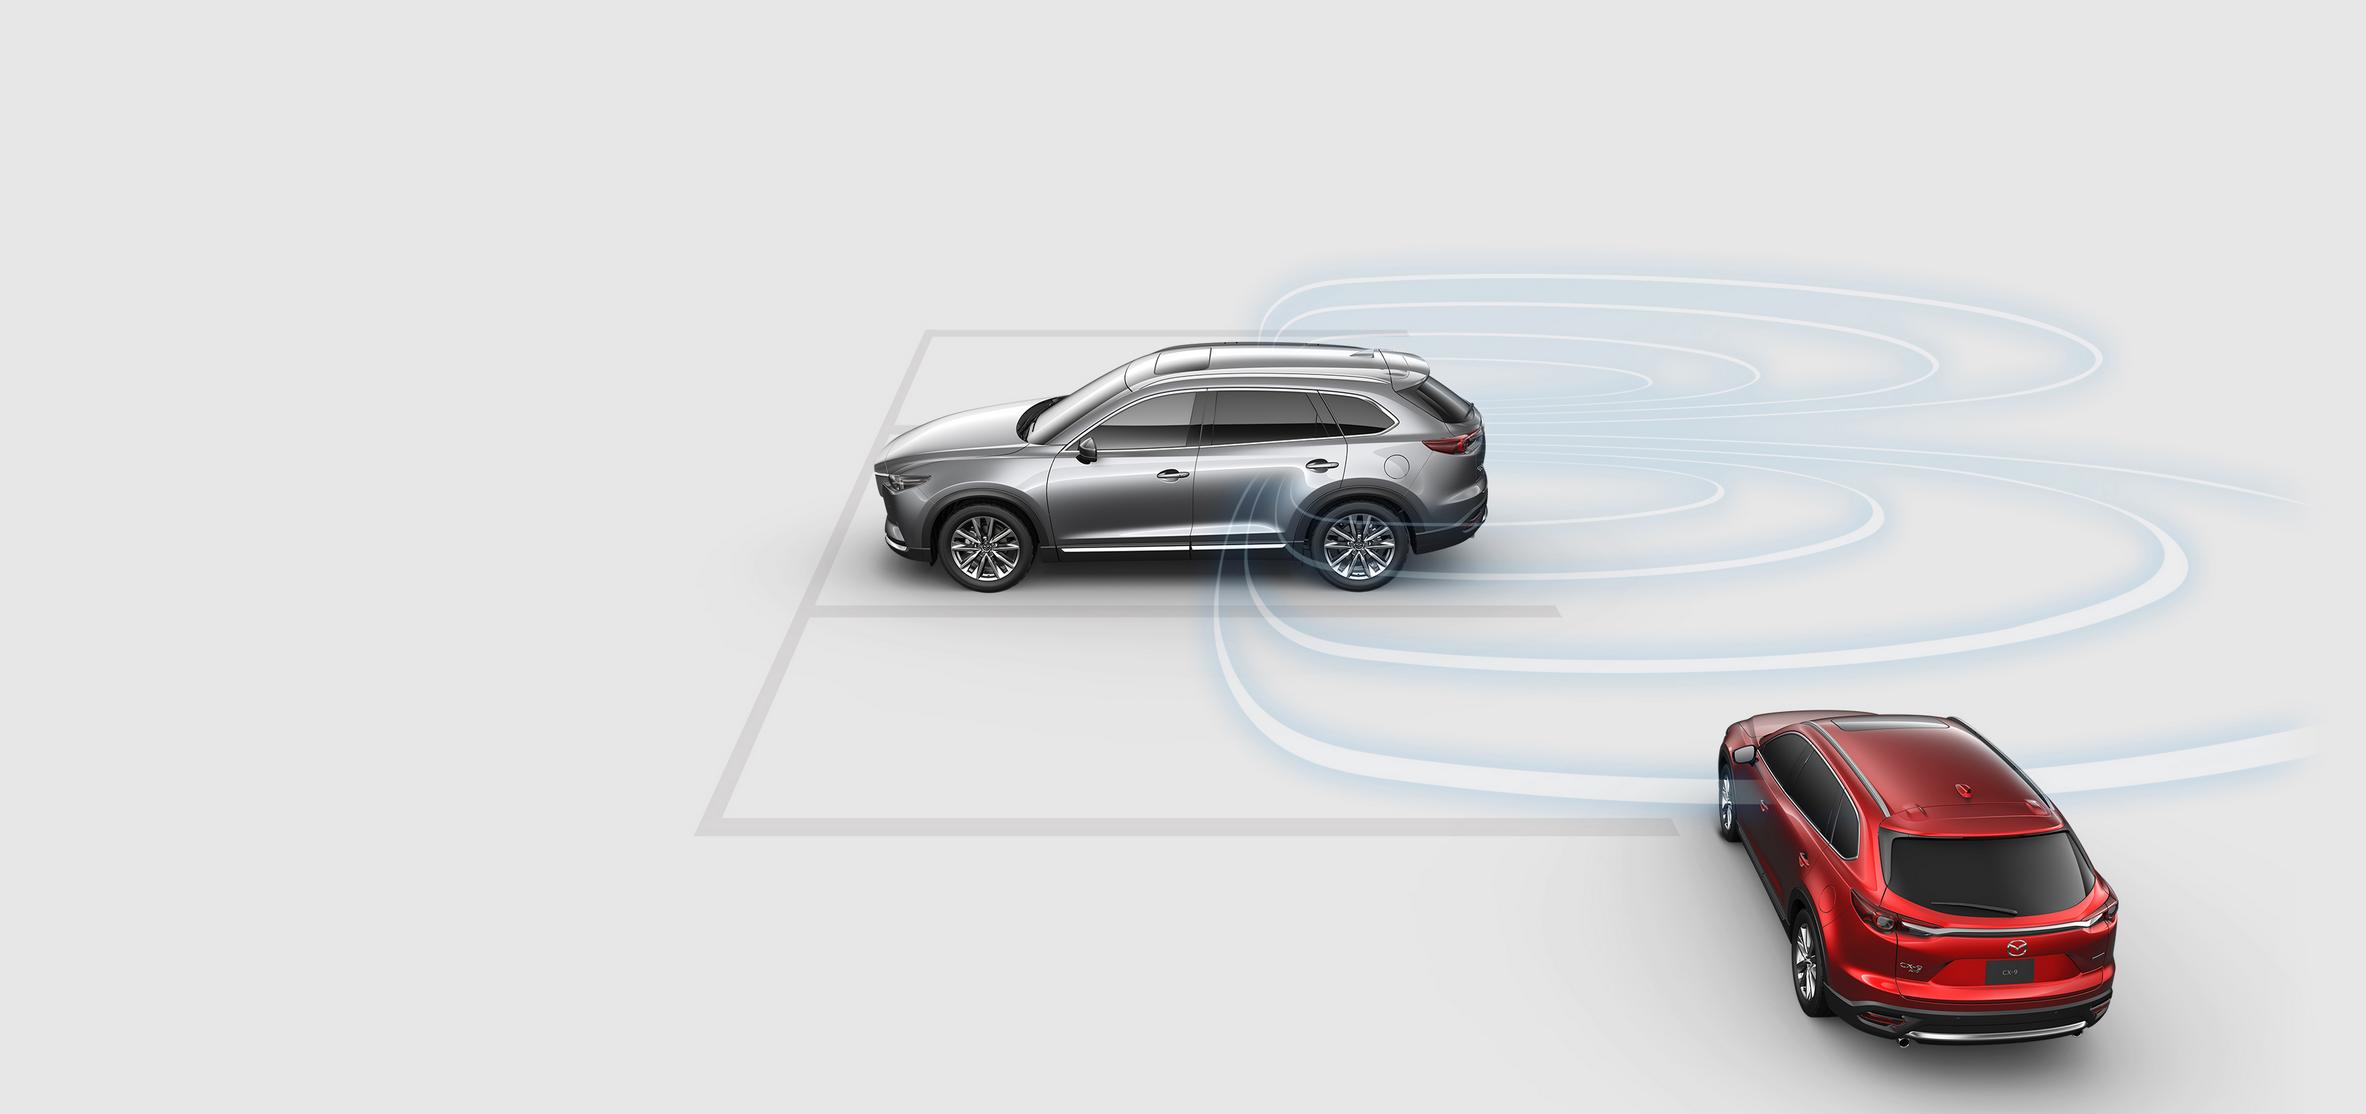 Mazda CX-9 Blind Spot Monitoring